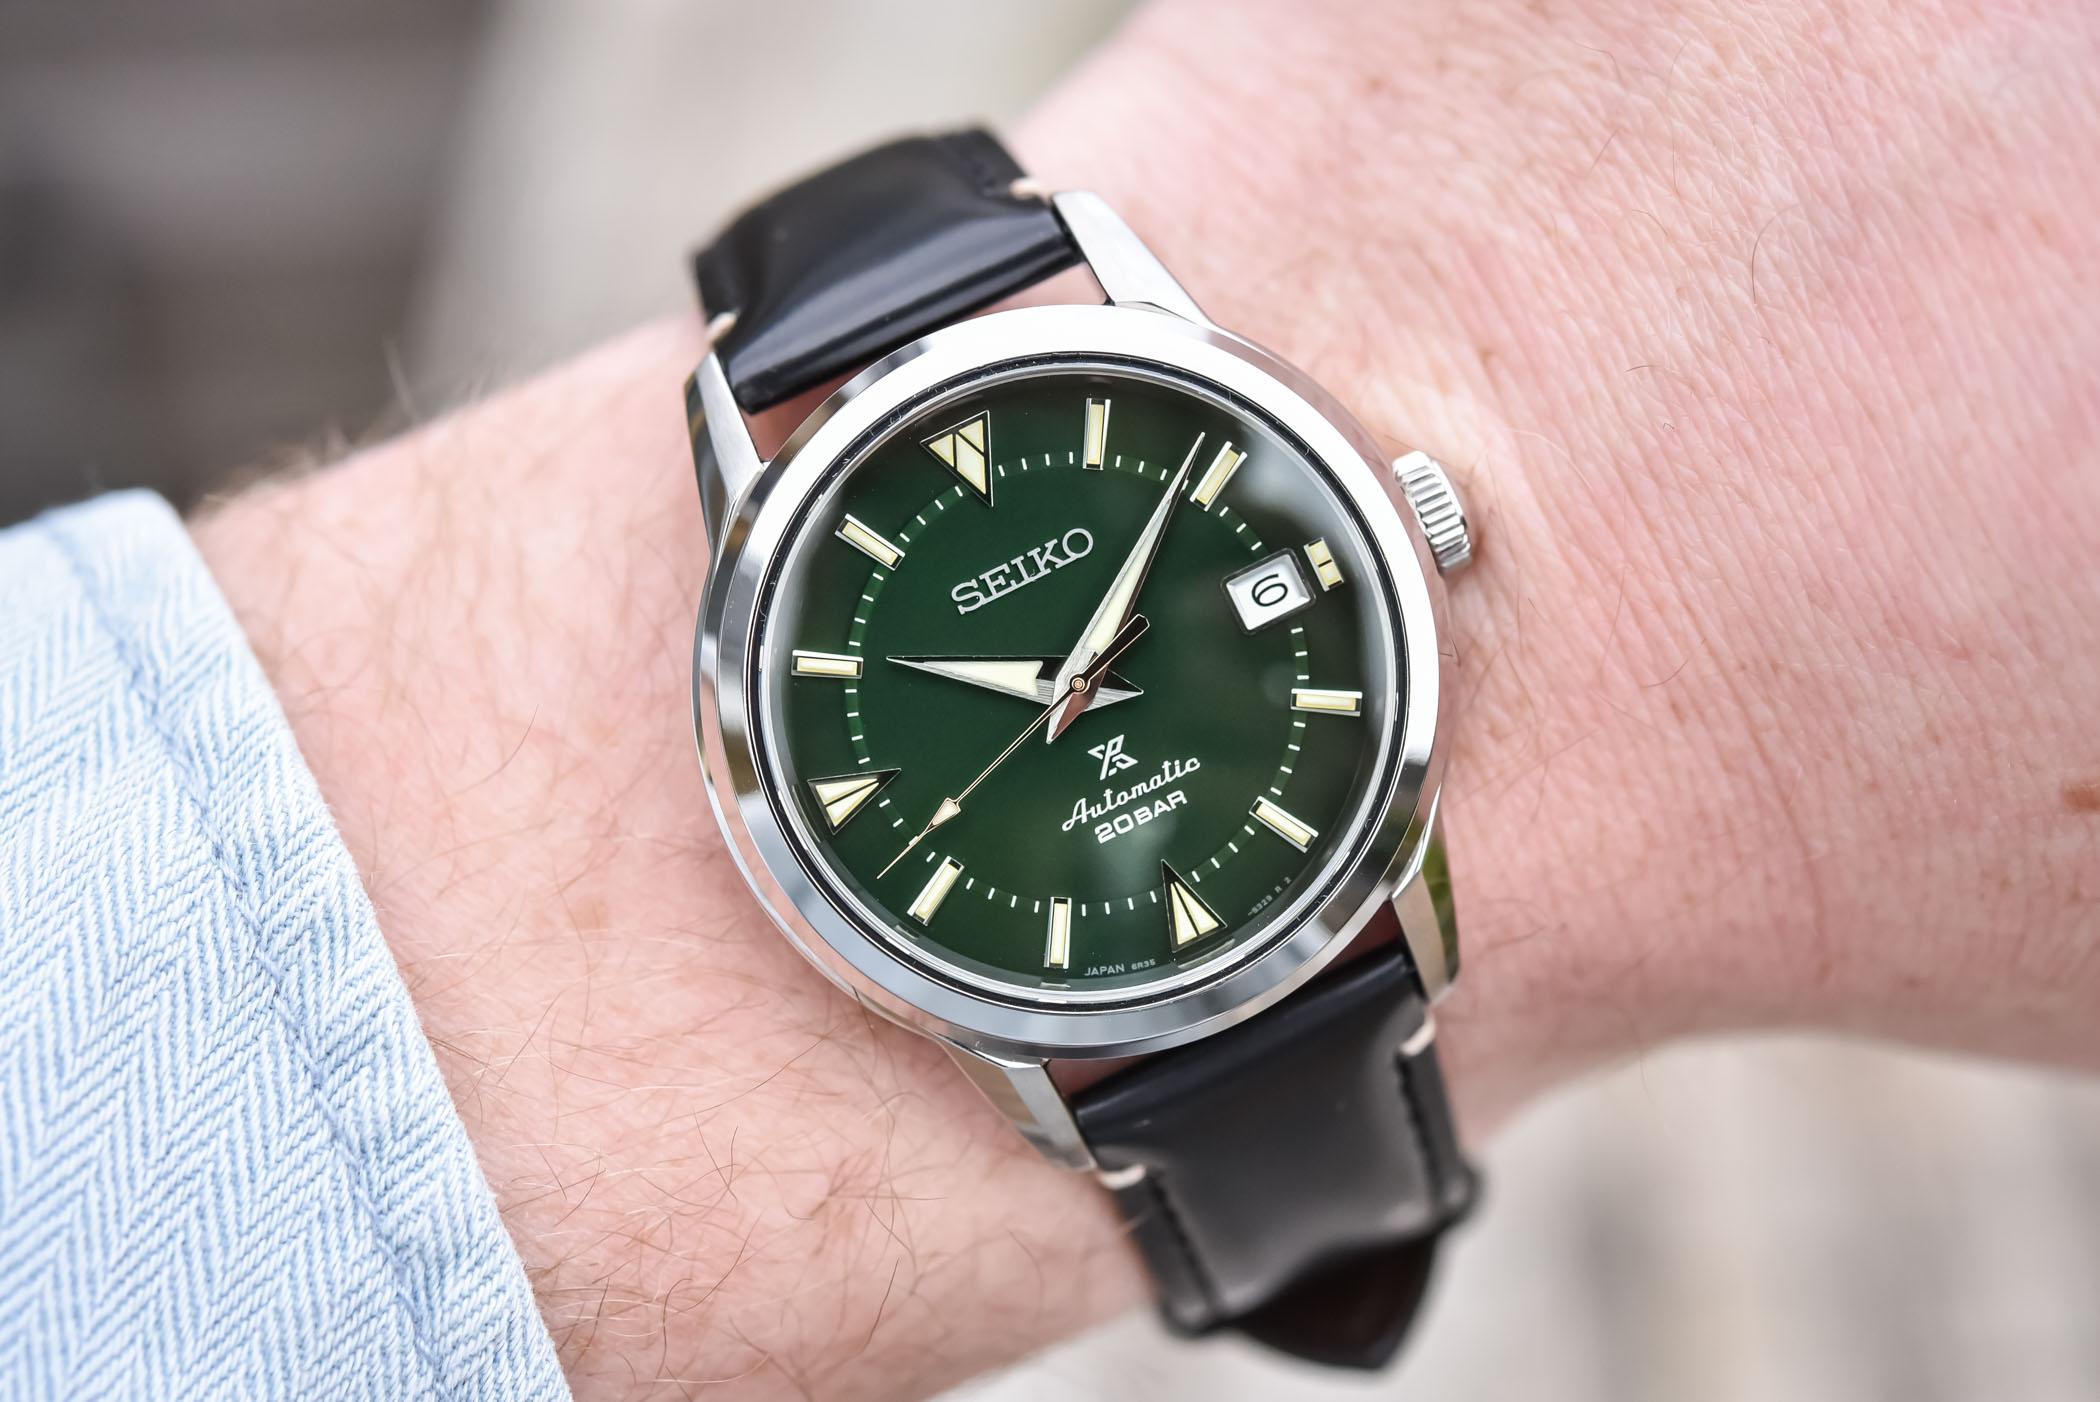 Seiko Prospex 1959 Alpinist Modern Re-Interpretation Watches SPB241J1 - SPB243J1 - SPB245J1